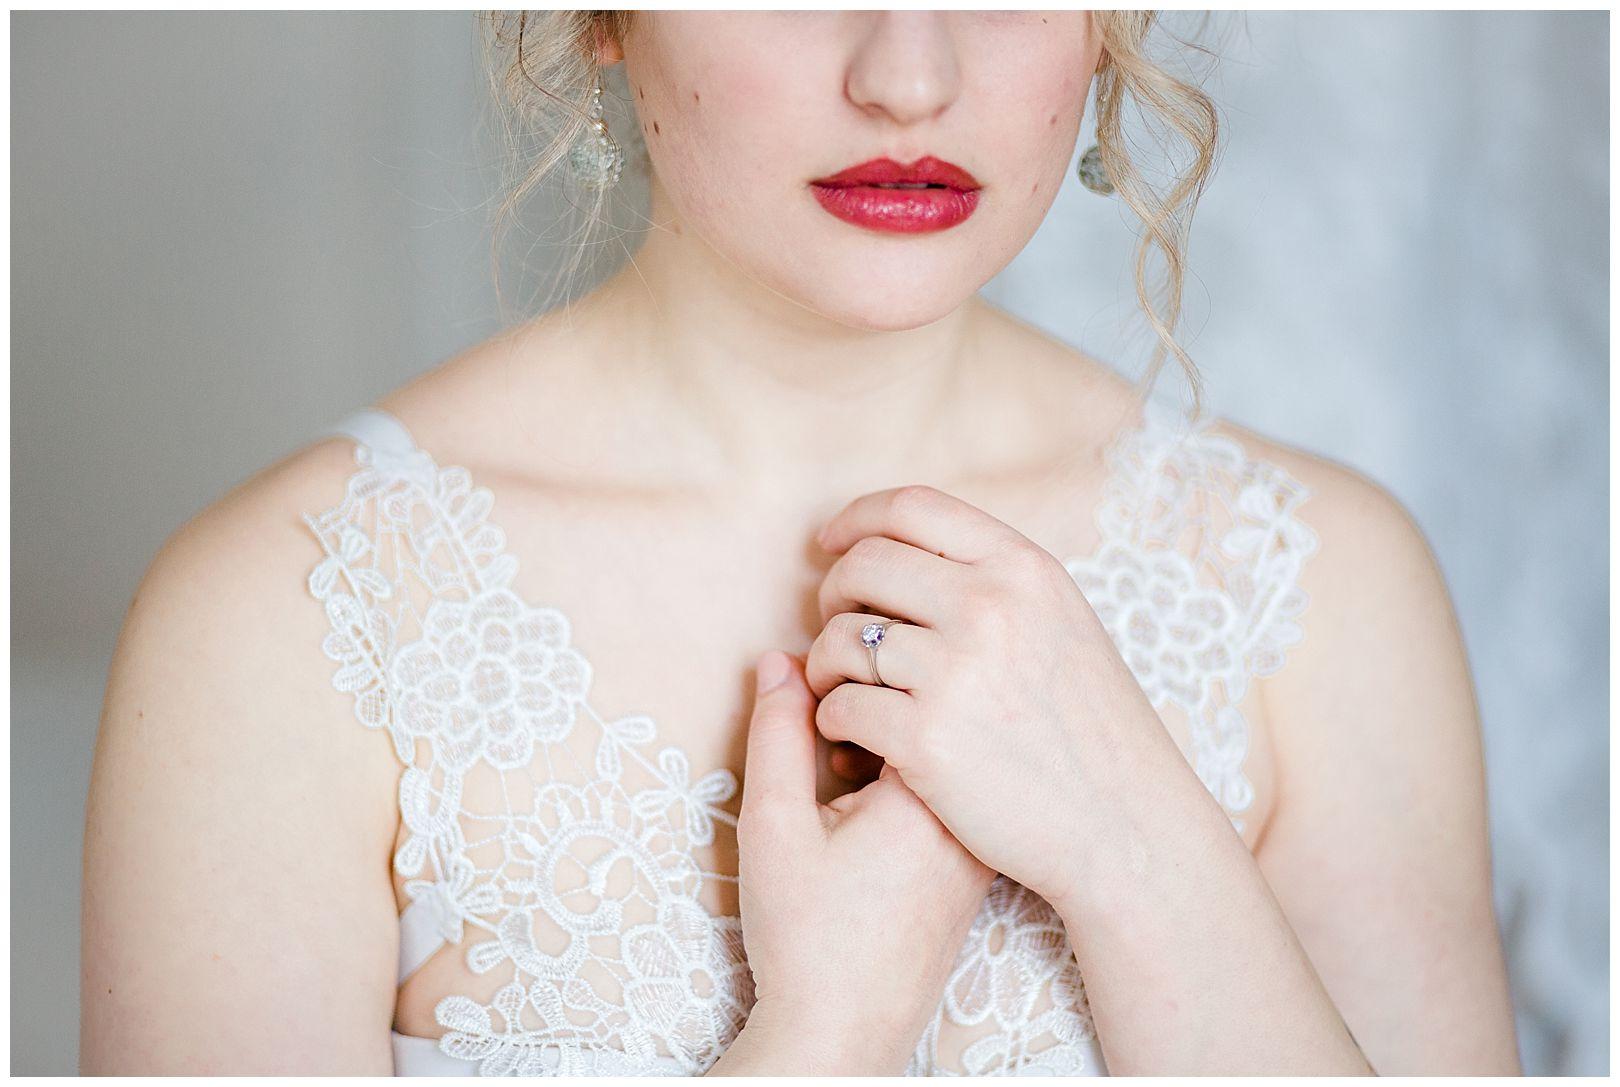 Sinnliches Teilportrait einer Frau mit roten Lippen und vor der Brust gehaltenen Händen